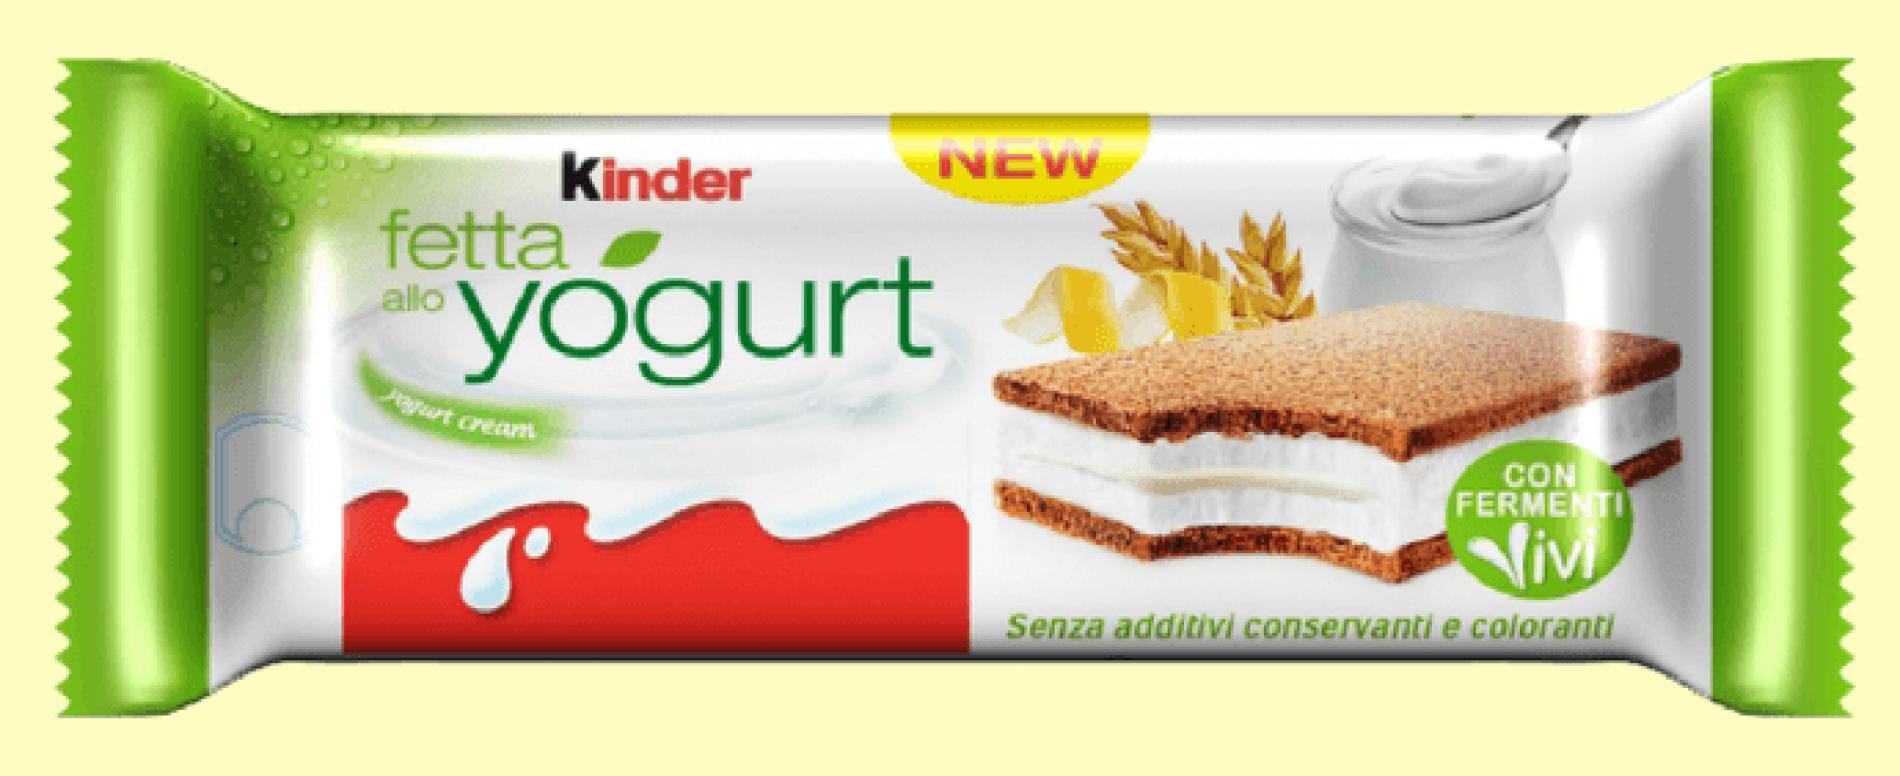 Da Ferrero la nuova Kinder Fetta allo Yogurt